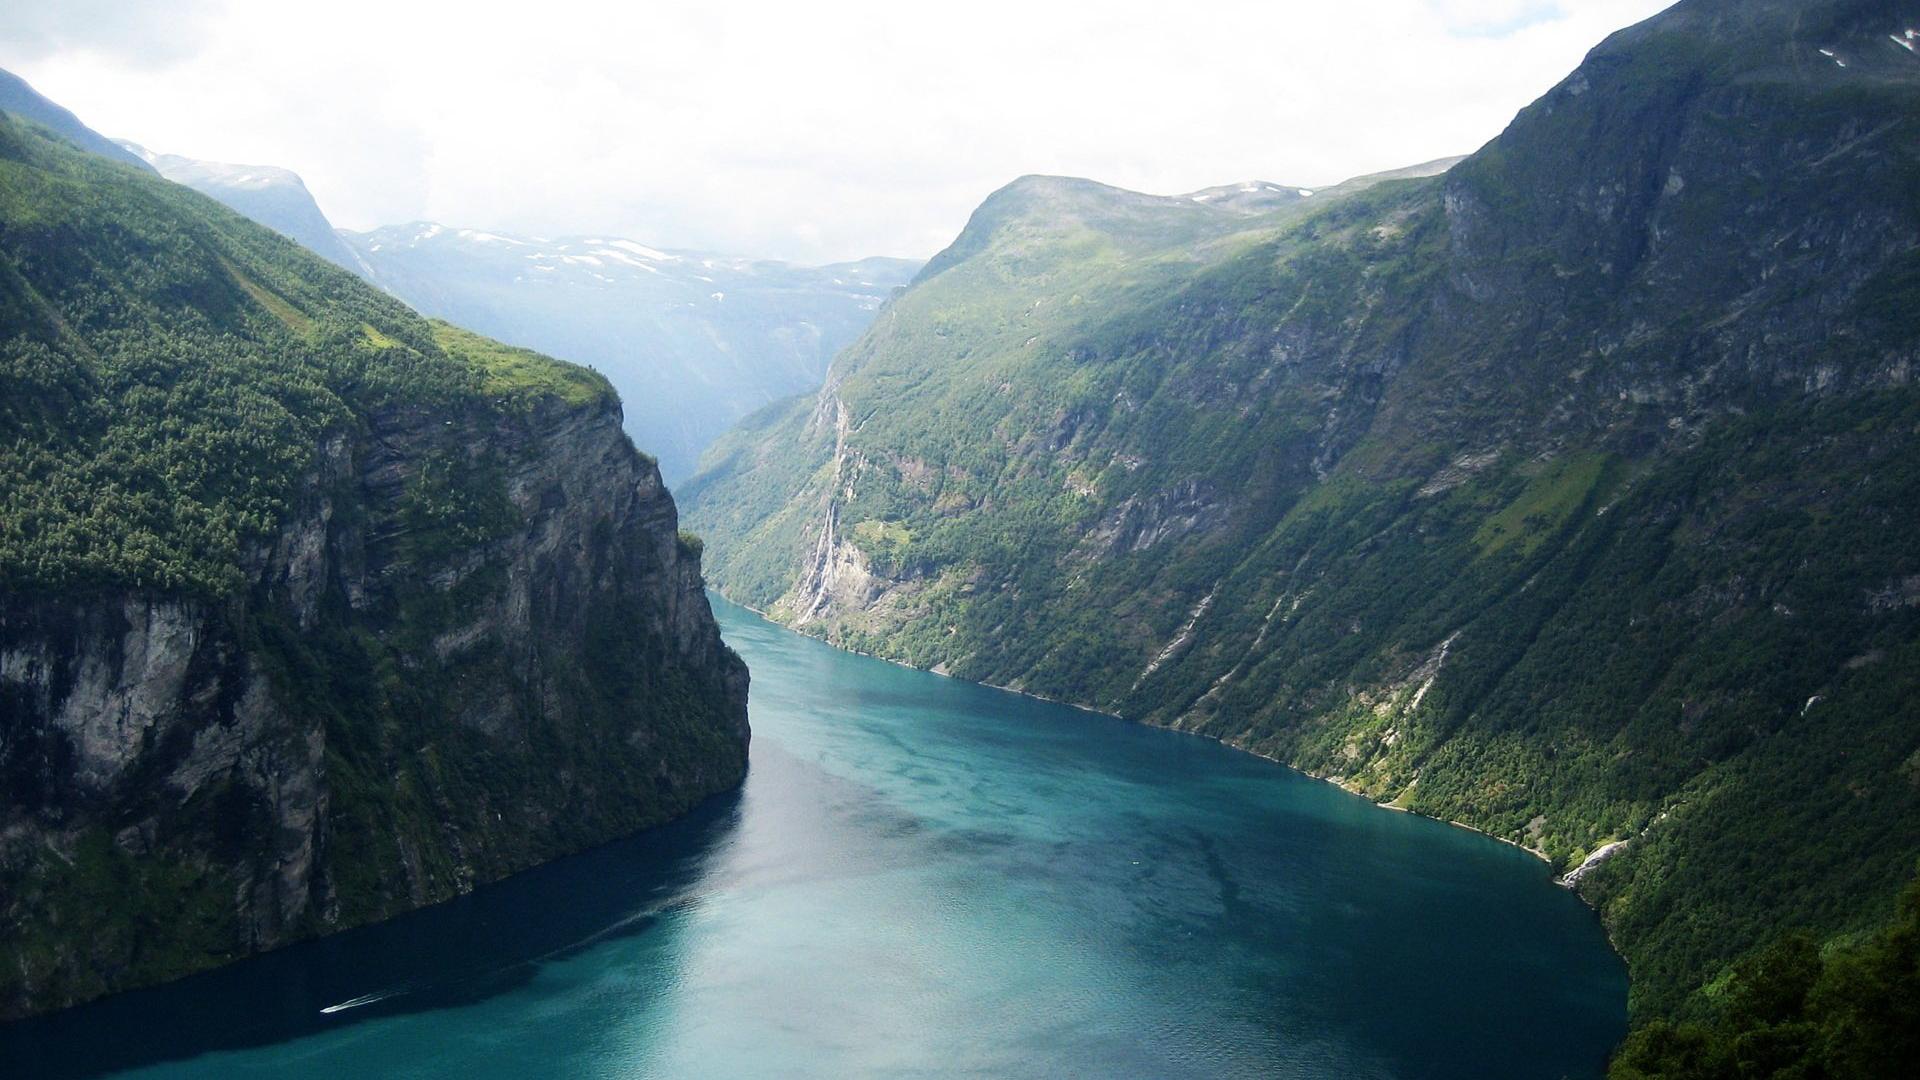 Full hd nature wallpapers 1080p wallpapersafari - Wallpaper 1080p for pc ...